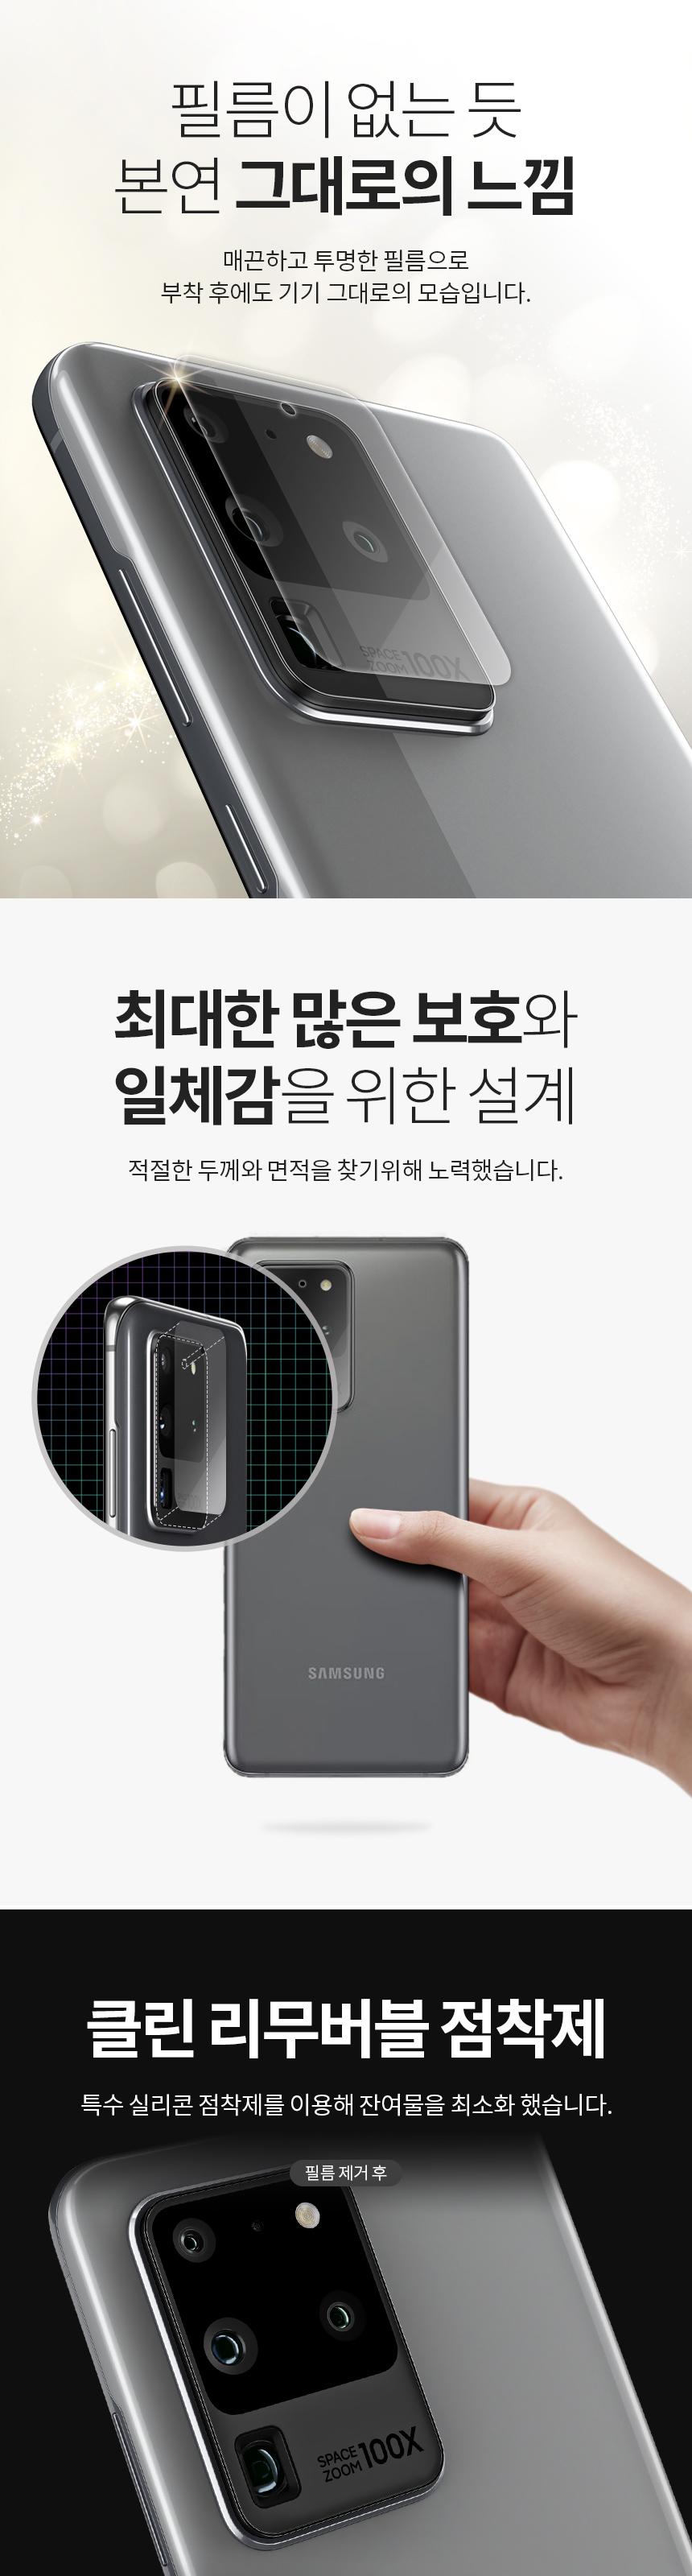 갤럭시 S20 플러스 후면 카메라 렌즈 보호필름 2매 - (주)스코코, 7,900원, 필름/스킨, 기타 갤럭시 제품